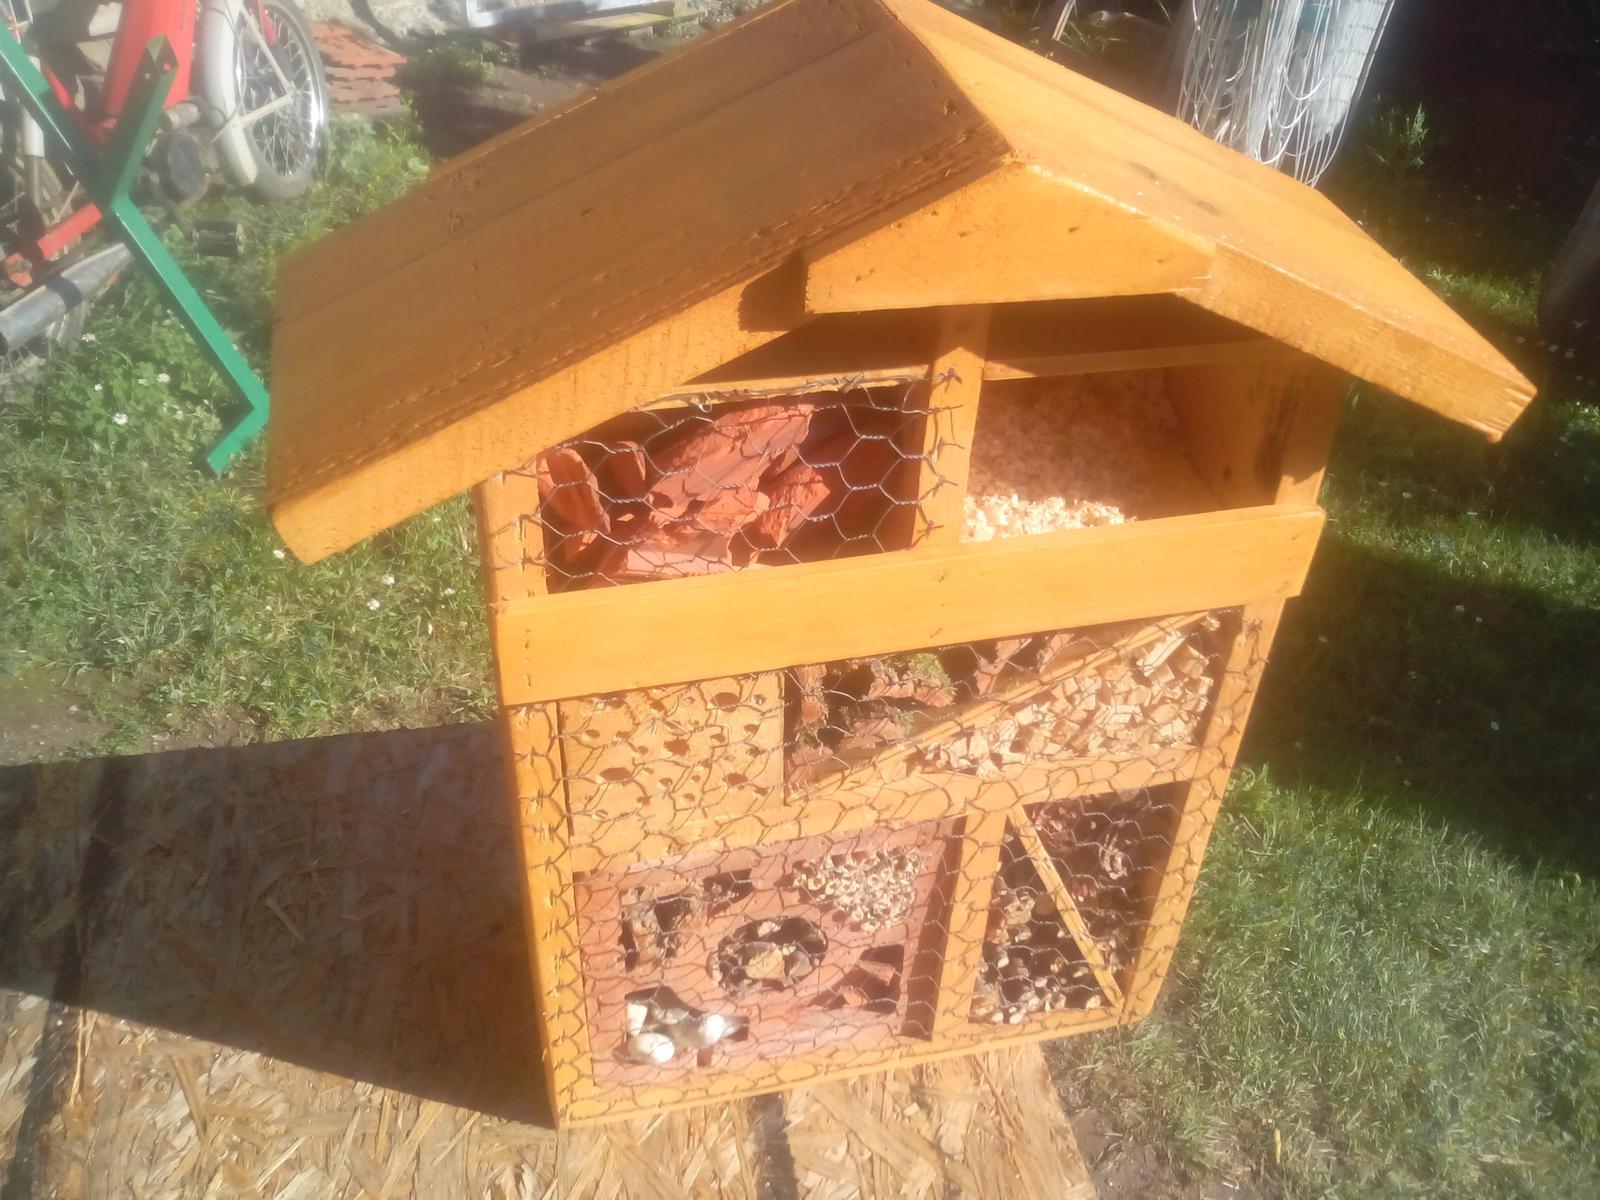 Ešte raz niečo zo zbytkov dreva - ... hore som doložil úlomky tehál a tiež pripevnil pletivo a domček pre hmyz mám tiež hotový. :o)